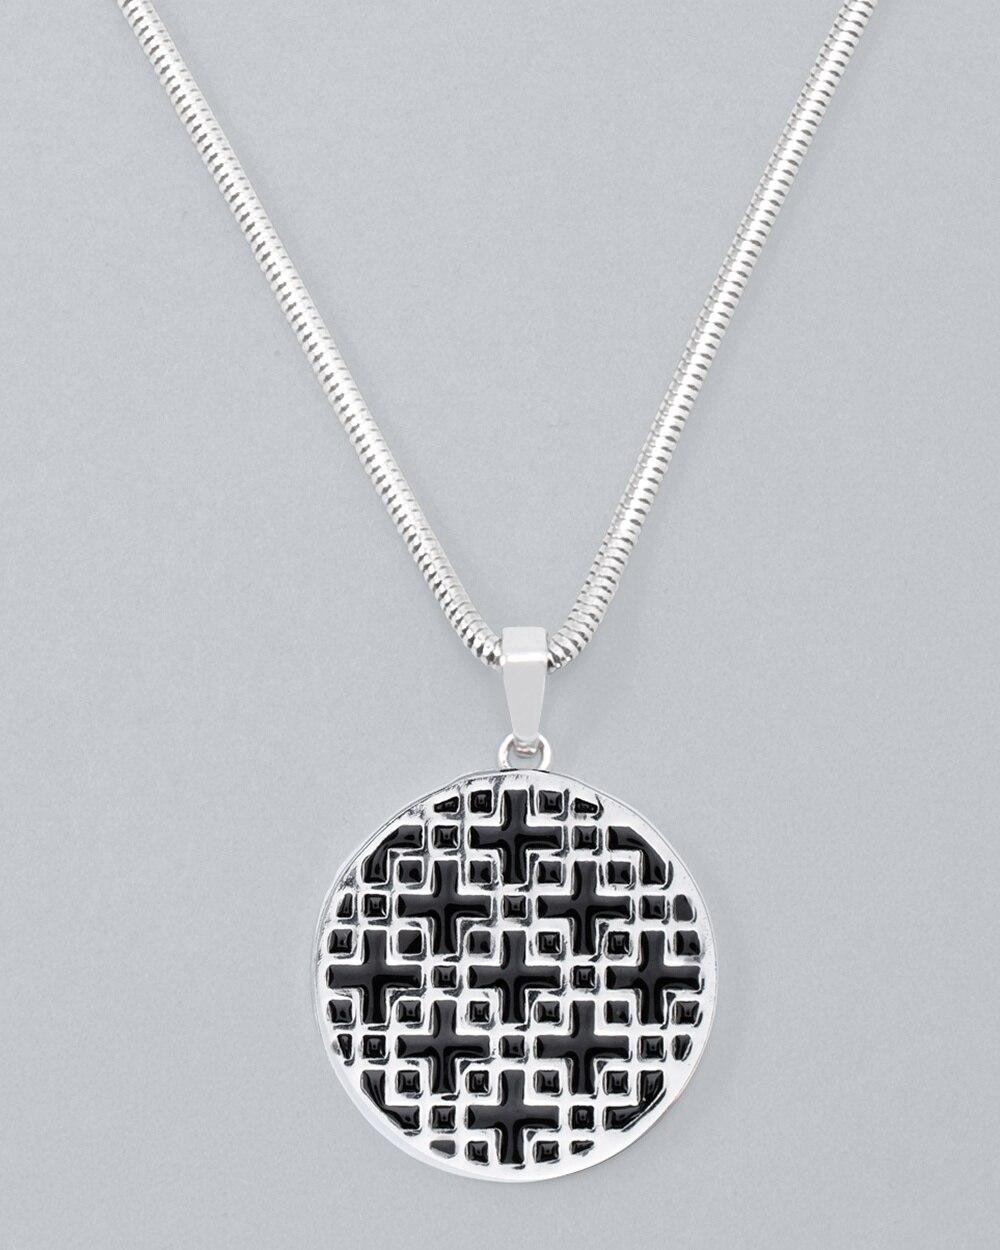 2bd0460b7414d Reversible Enamel Long Pendant Necklace